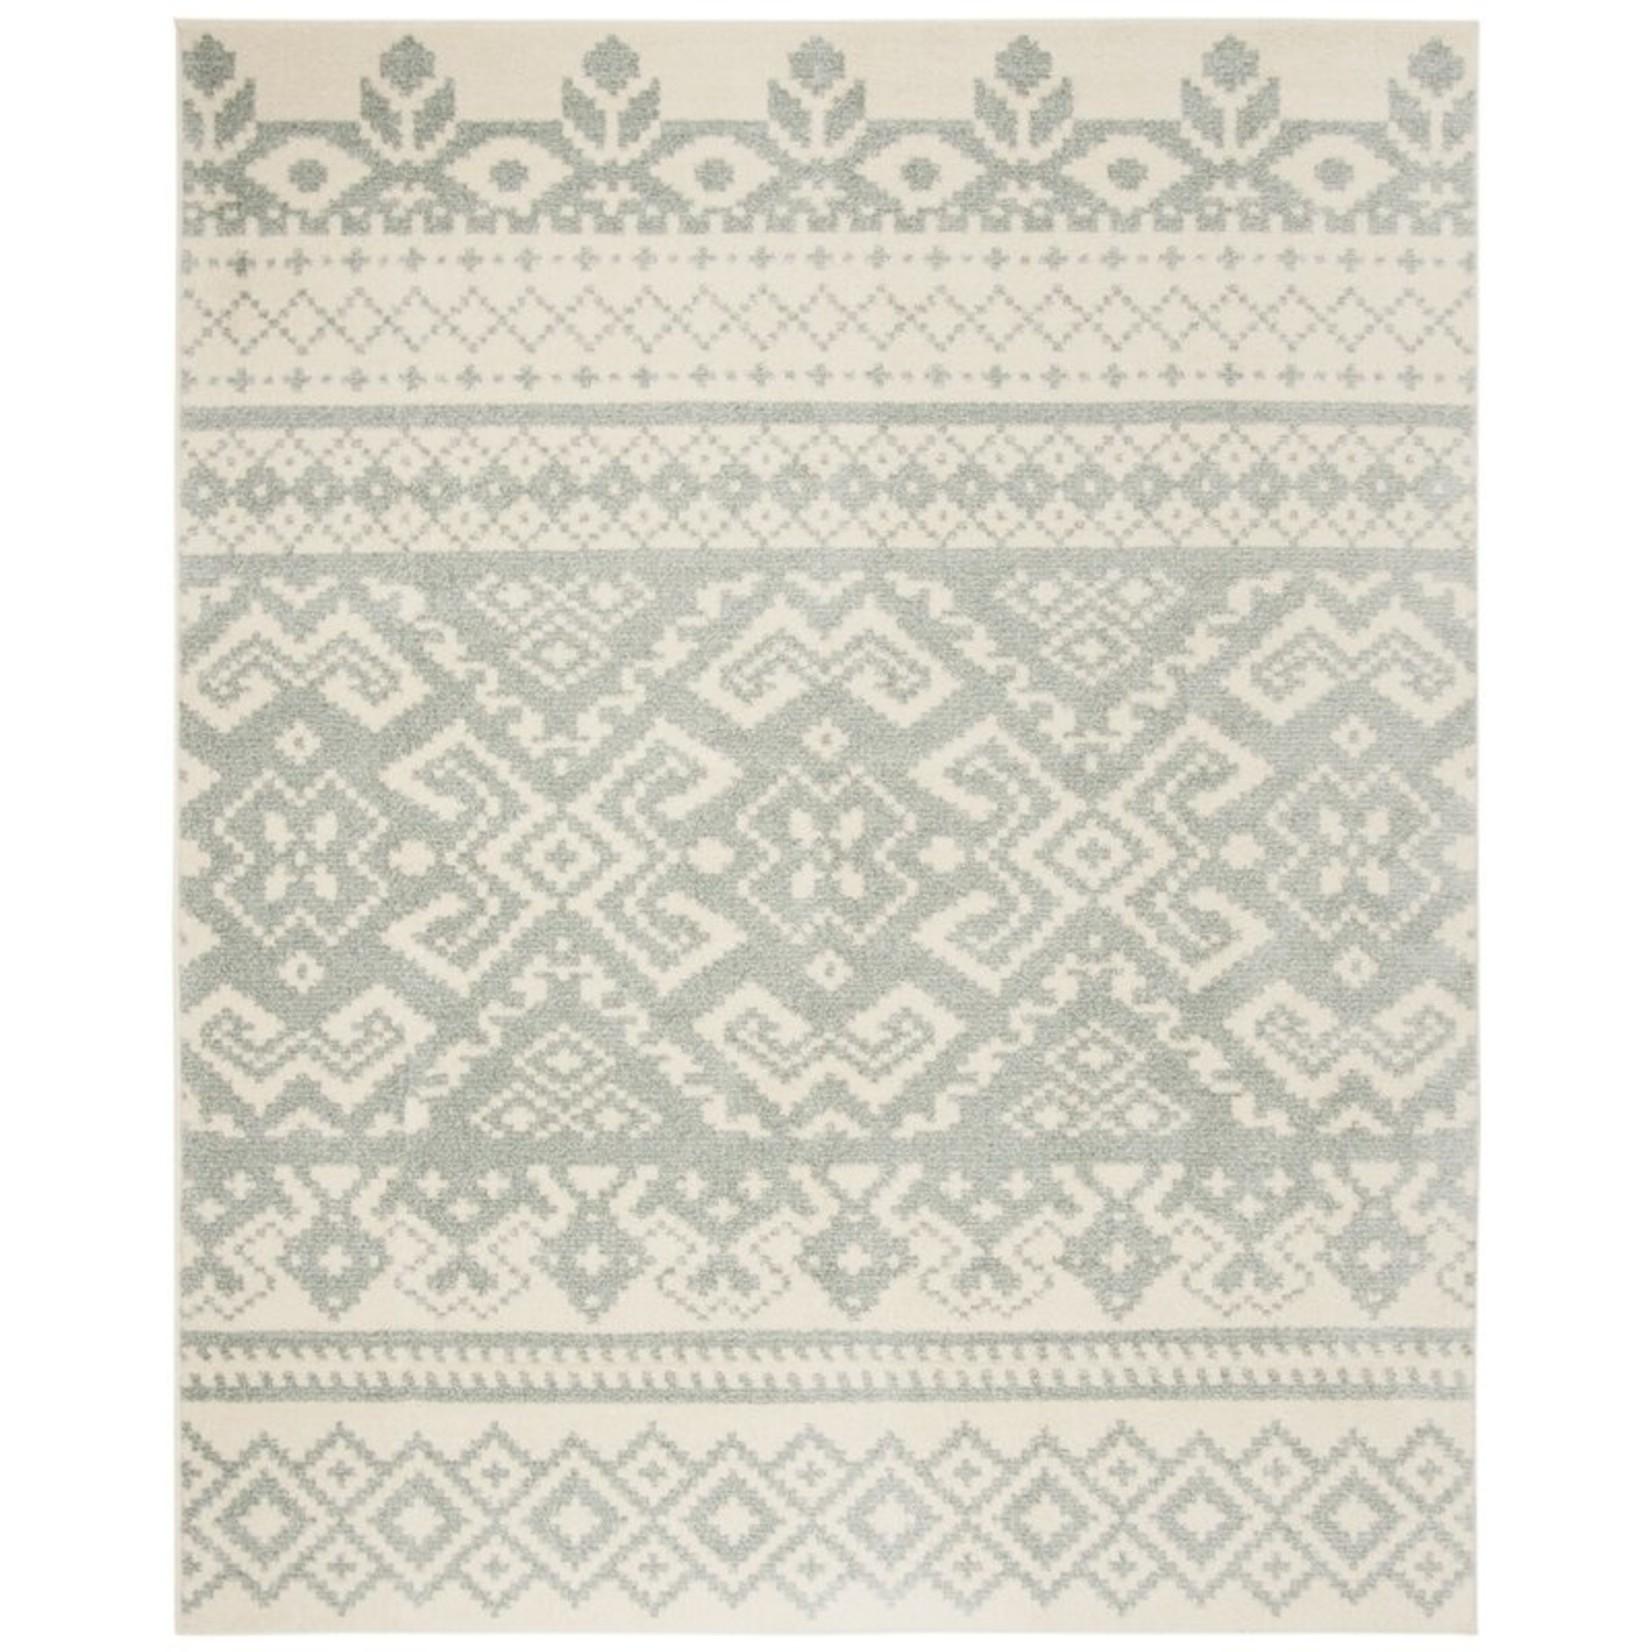 * 9' x 12' - St. Ann Highlands Southwestern Silver Rug